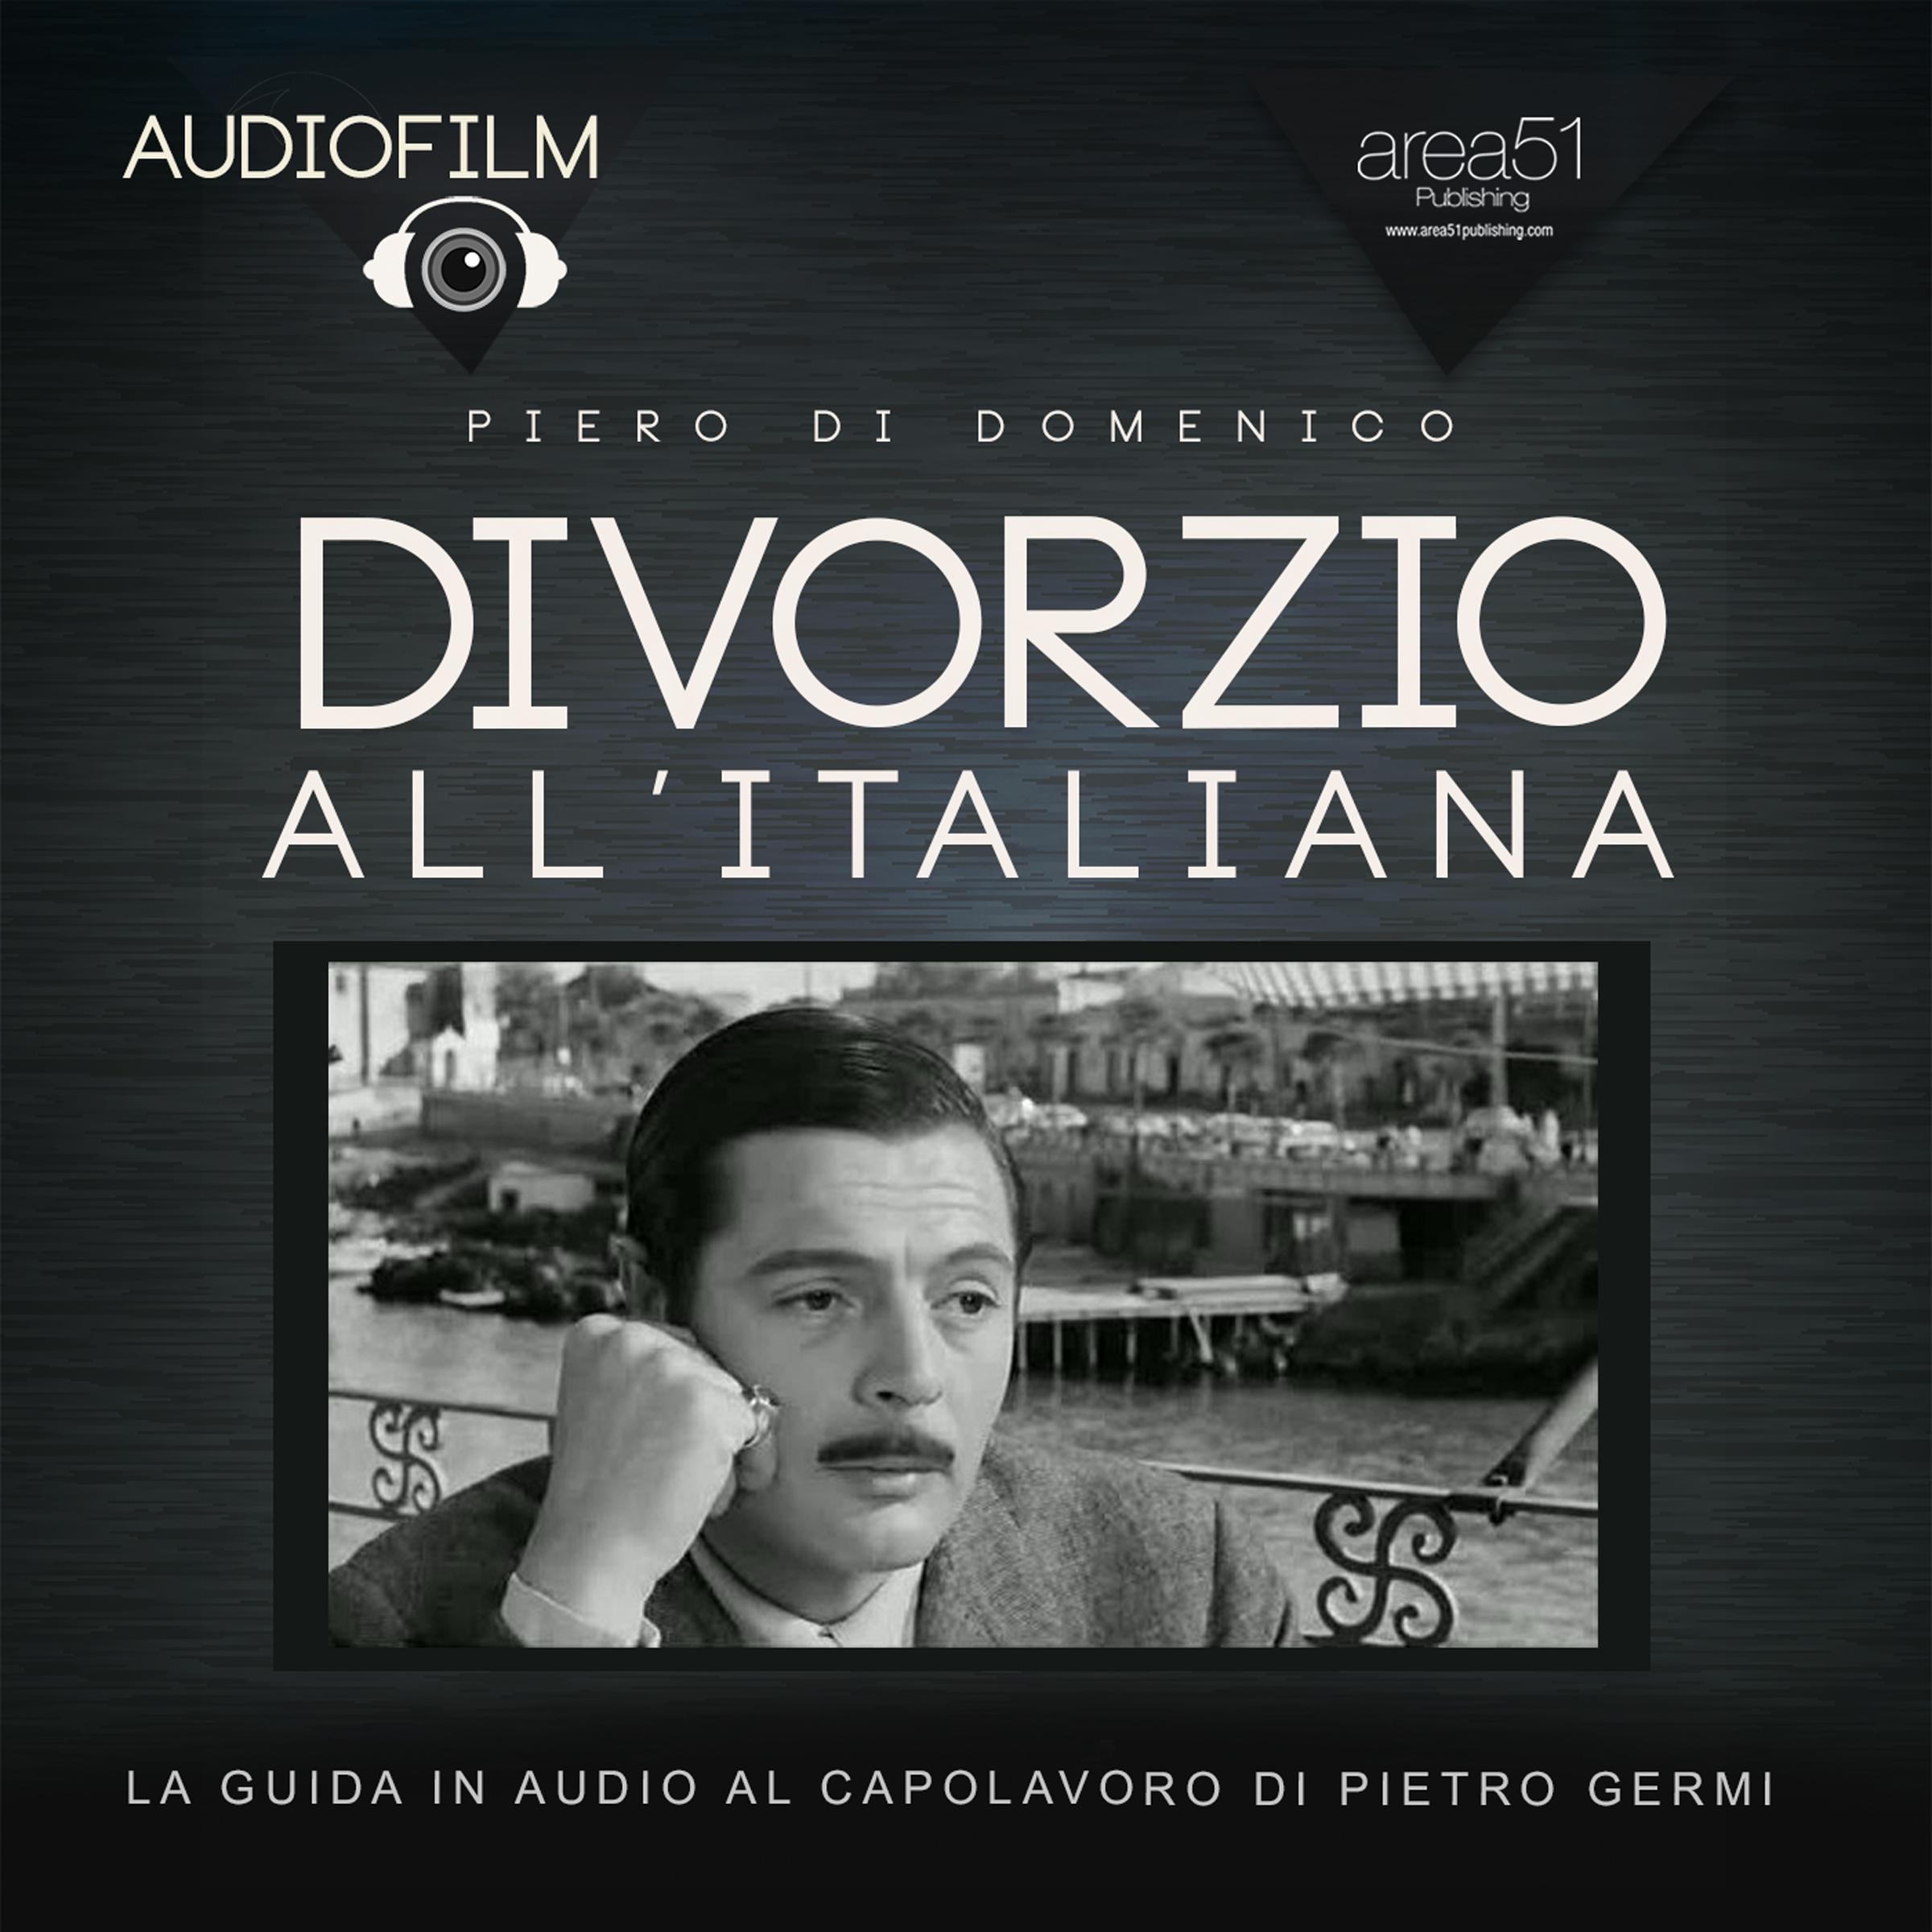 Divorzio all'italiana. Audiofilm.-0